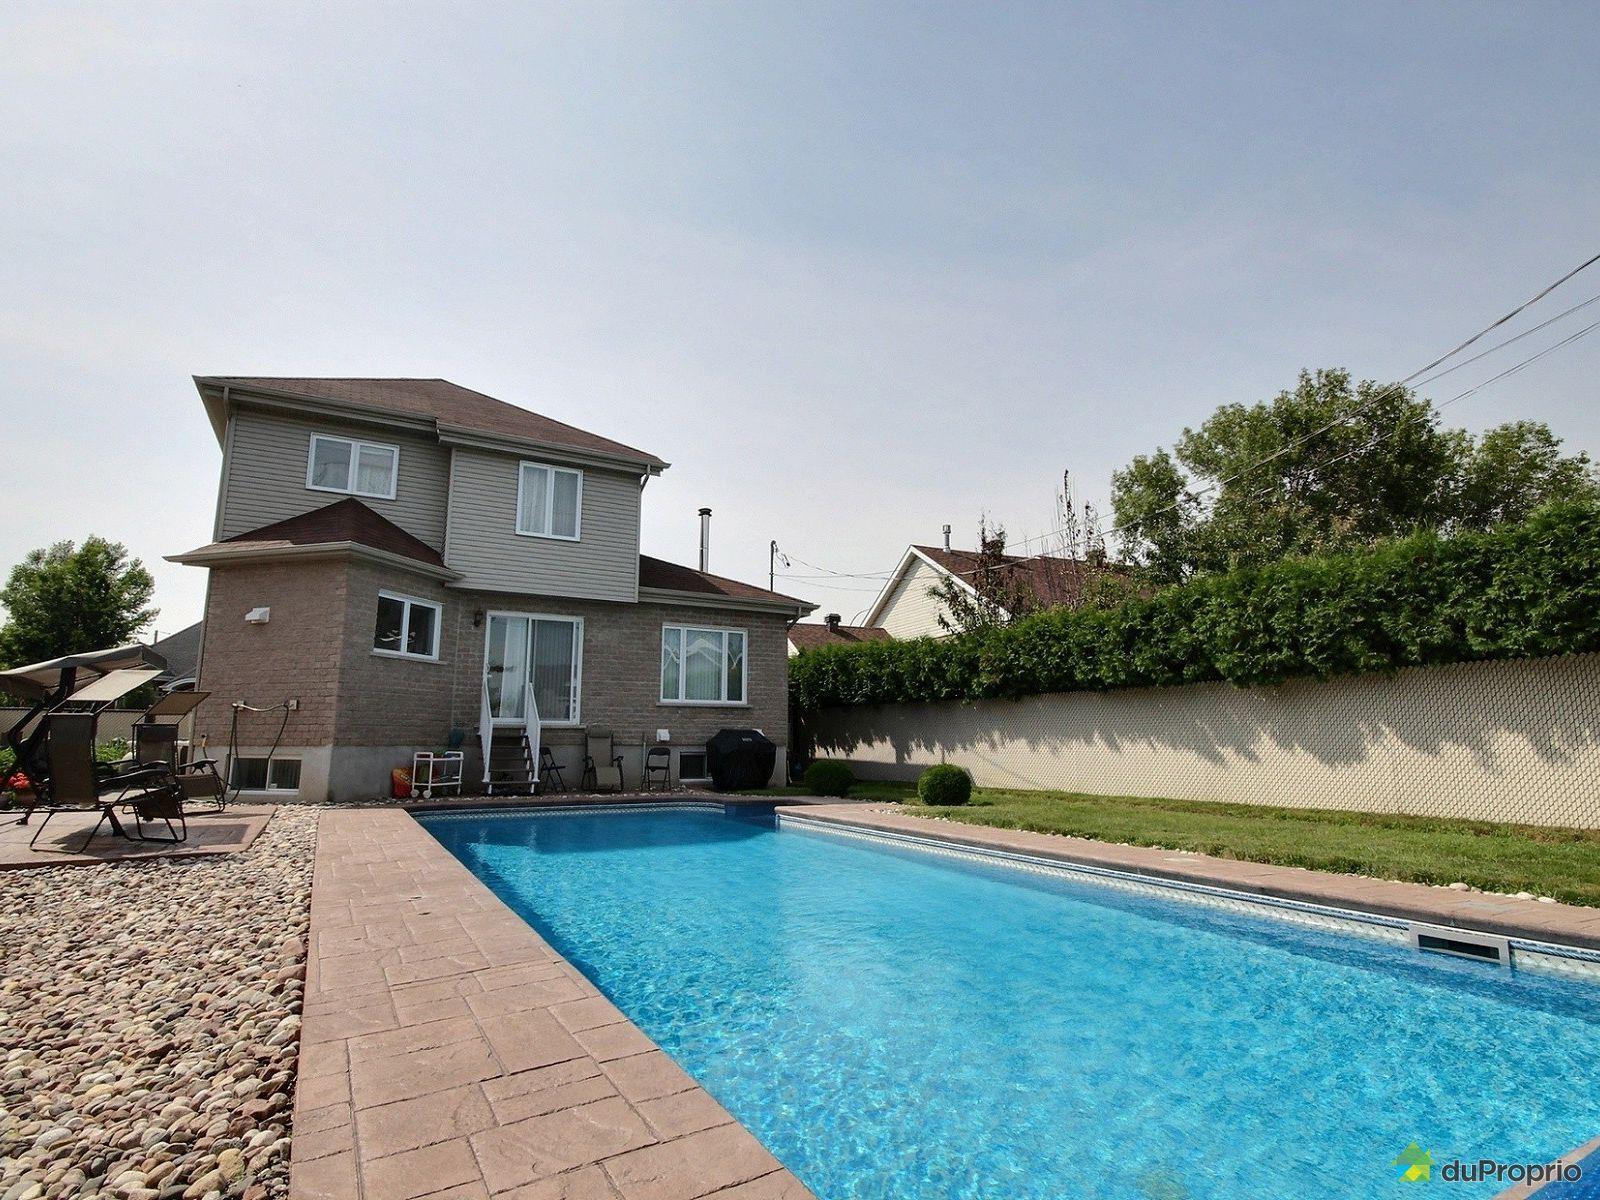 Maison vendre brossard 2620 place olivine immobilier for Brossard piscine